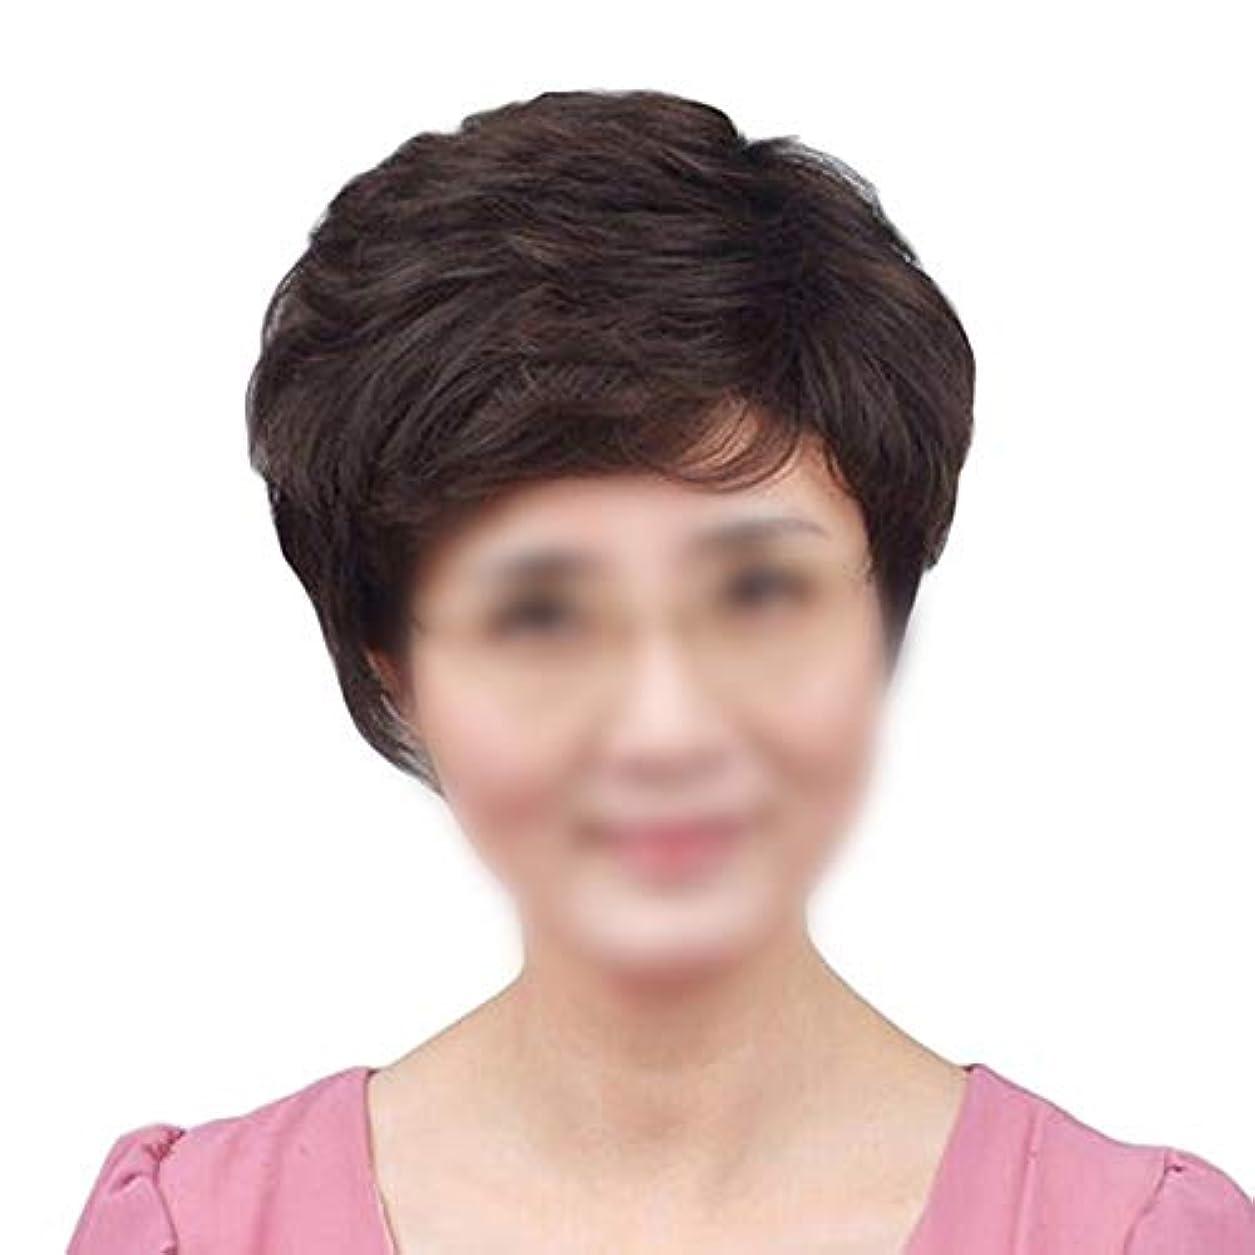 非アクティブ北合理的YOUQIU 母デイリードレスかつらのために女子ショートカーリーハンド織リアルタイム髪 (色 : Dark brown, サイズ : Mechanism)